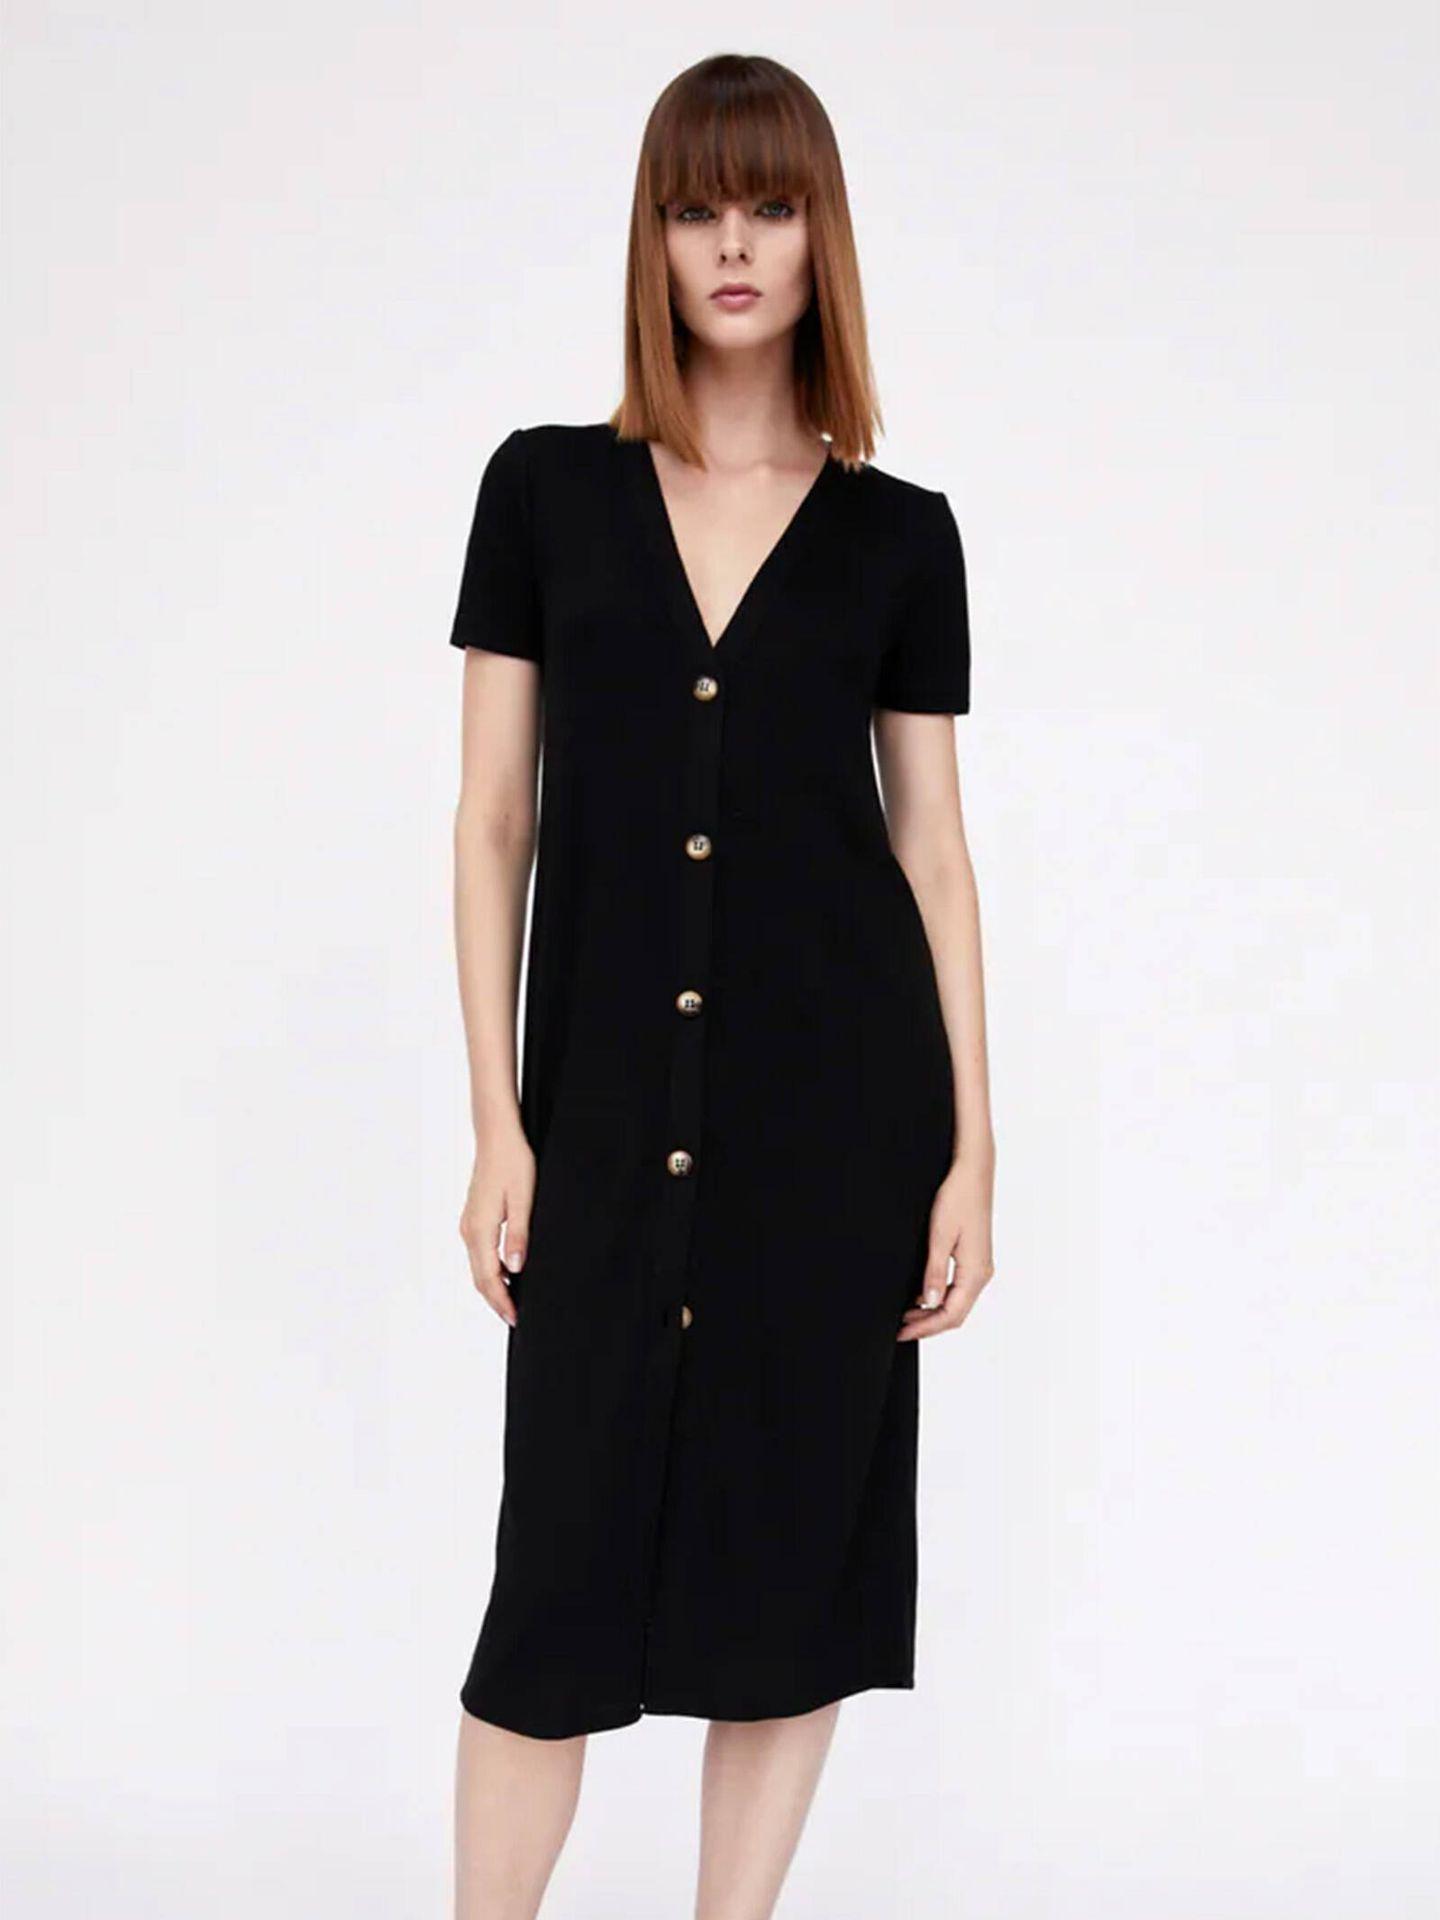 La nueva versión del vestido de Zara que ha llevado Isabel Díaz Ayuso. (Cortesía)